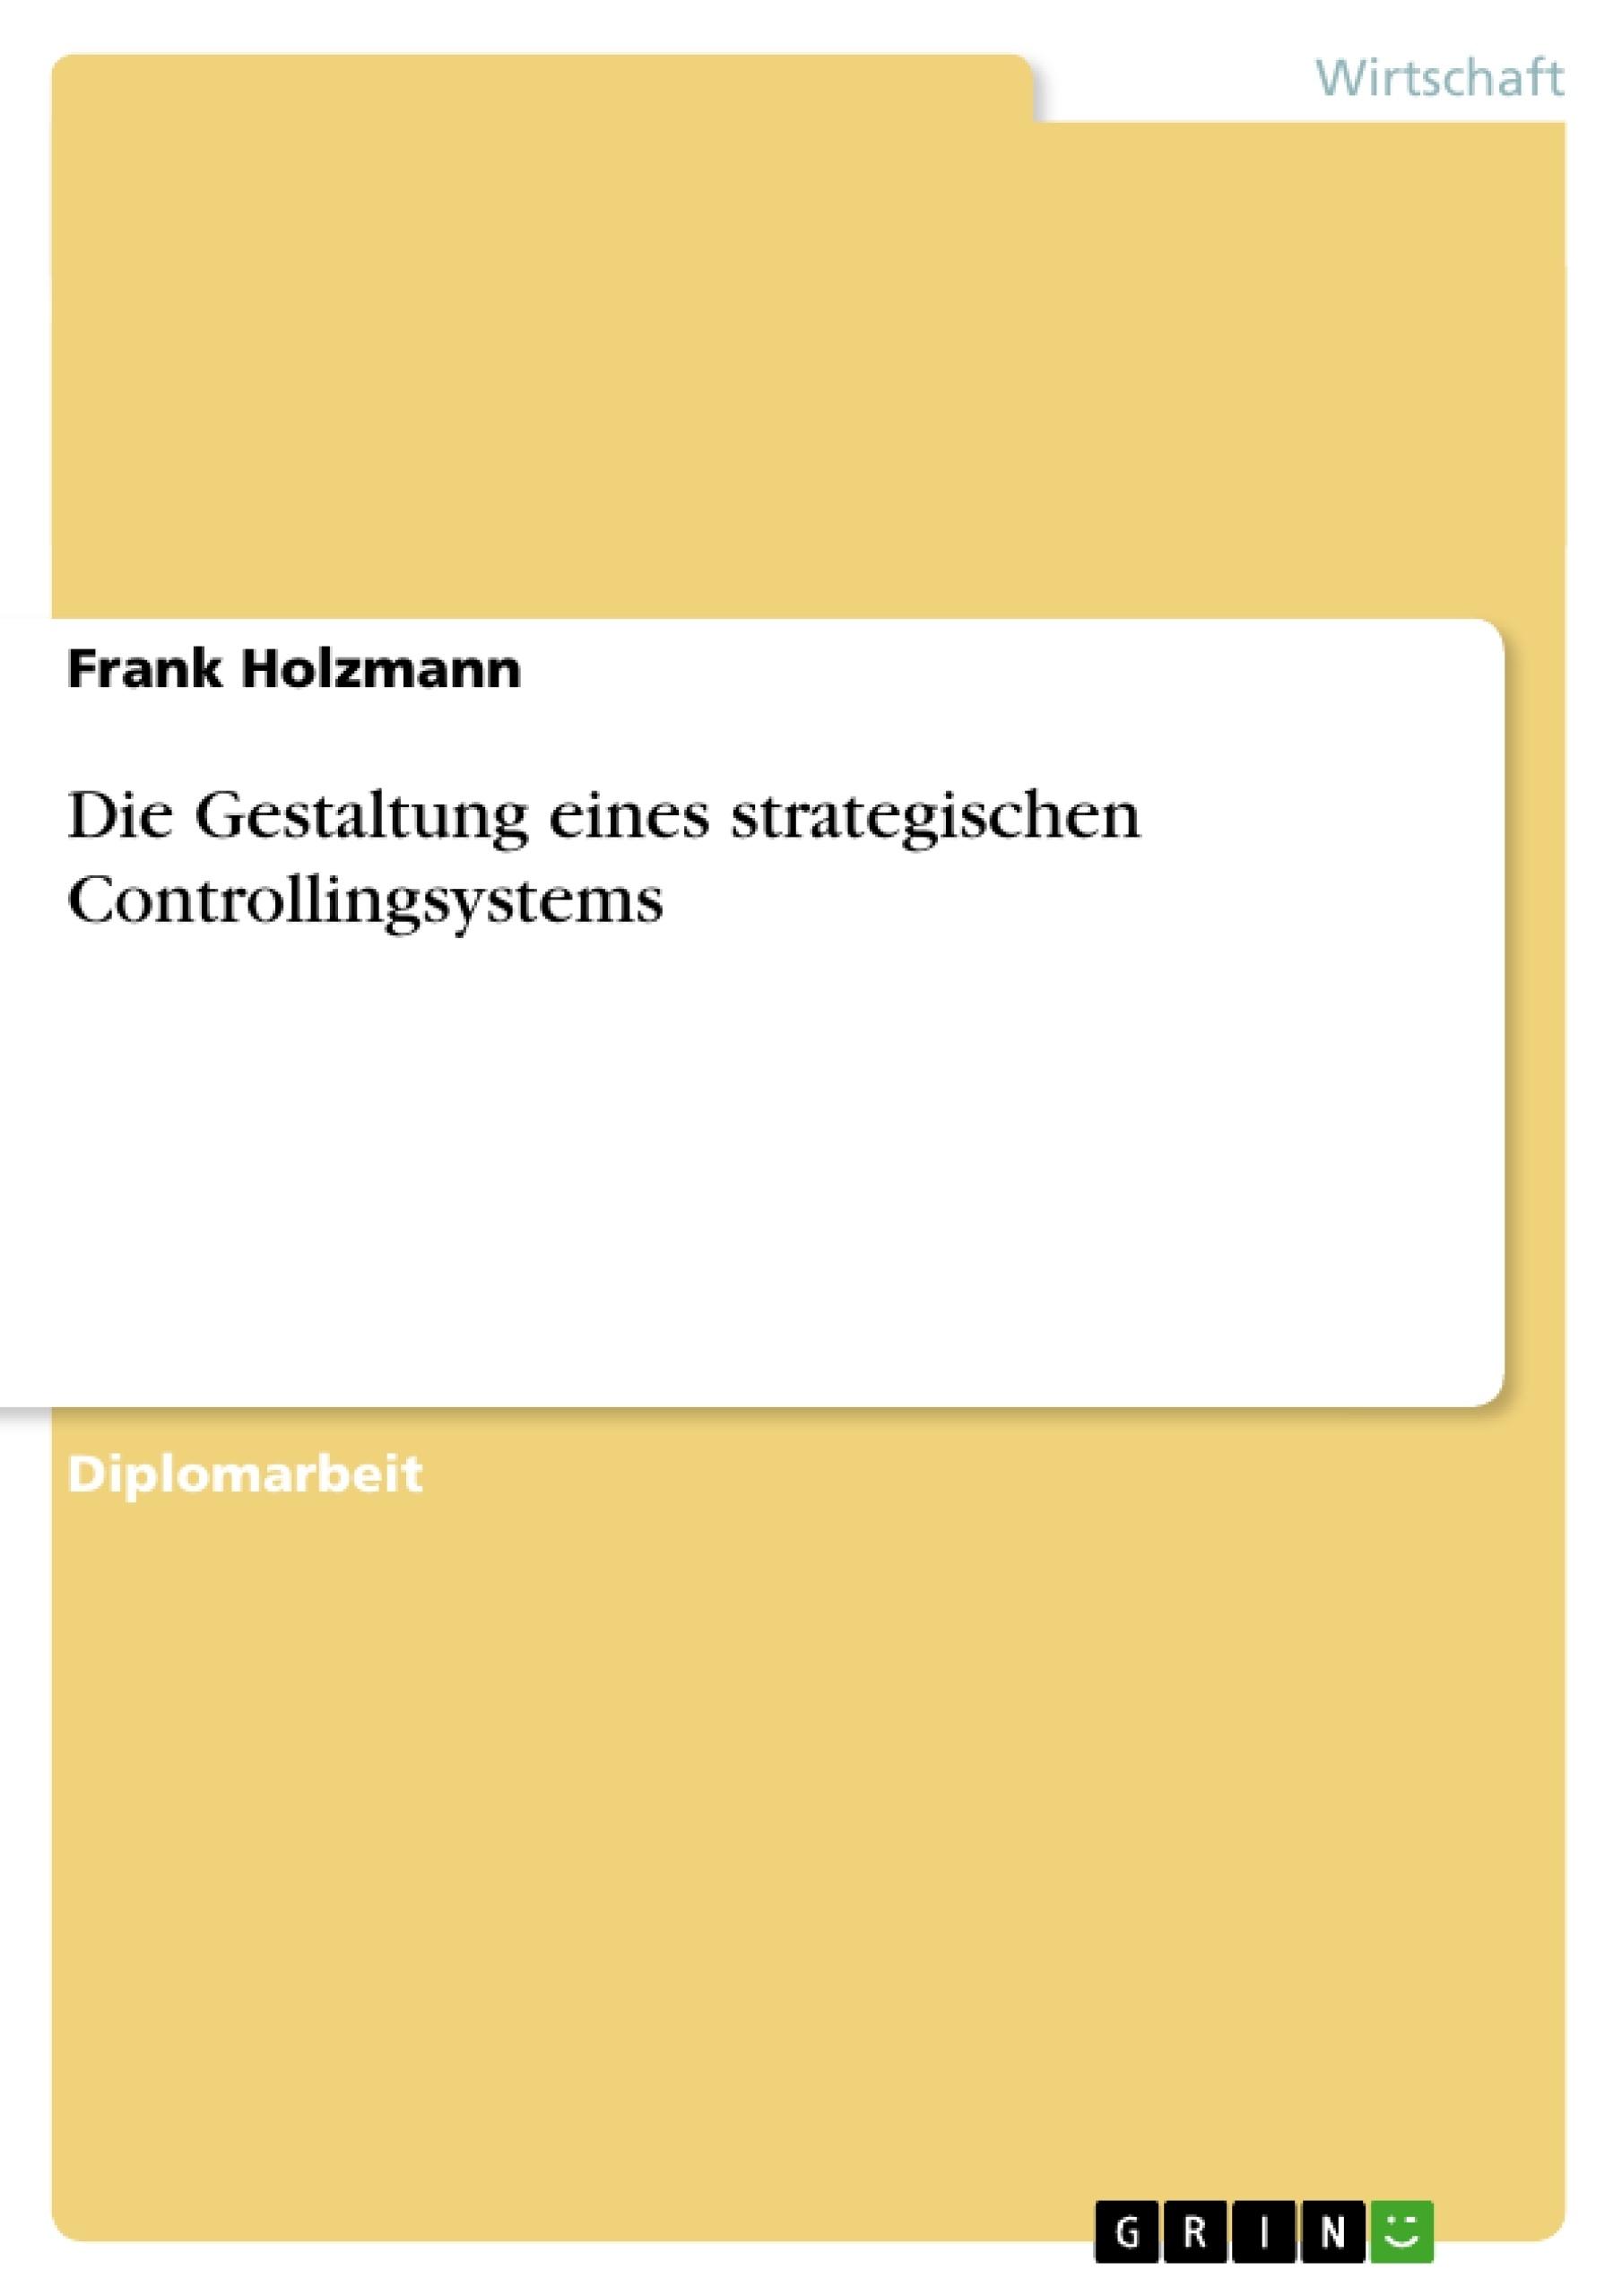 Titel: Die Gestaltung eines strategischen Controllingsystems